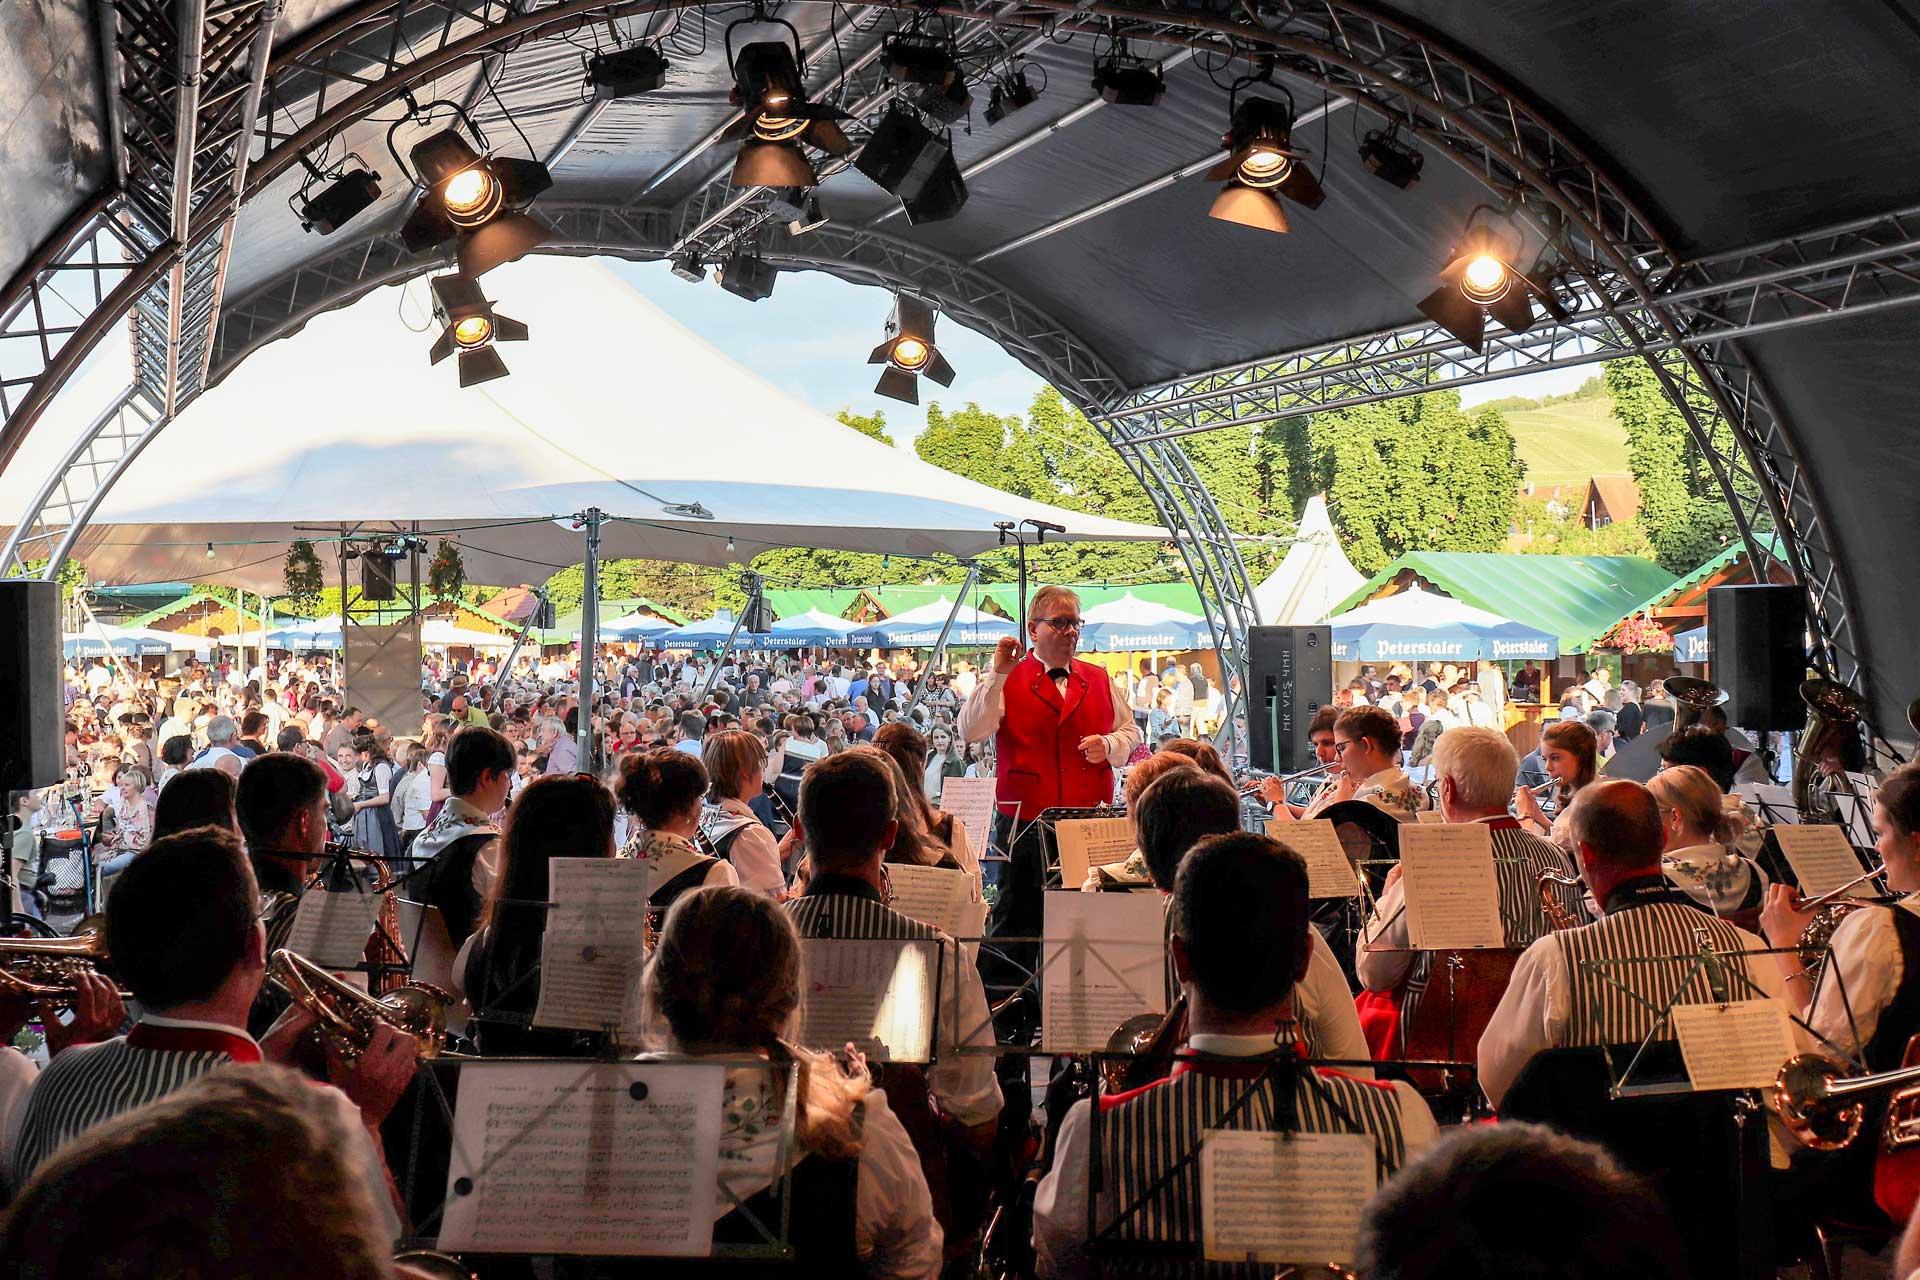 Weinfest_Trachtenkapelle-auf-Bühne-mit-Blick-auf-Dirigent-und-Zelt